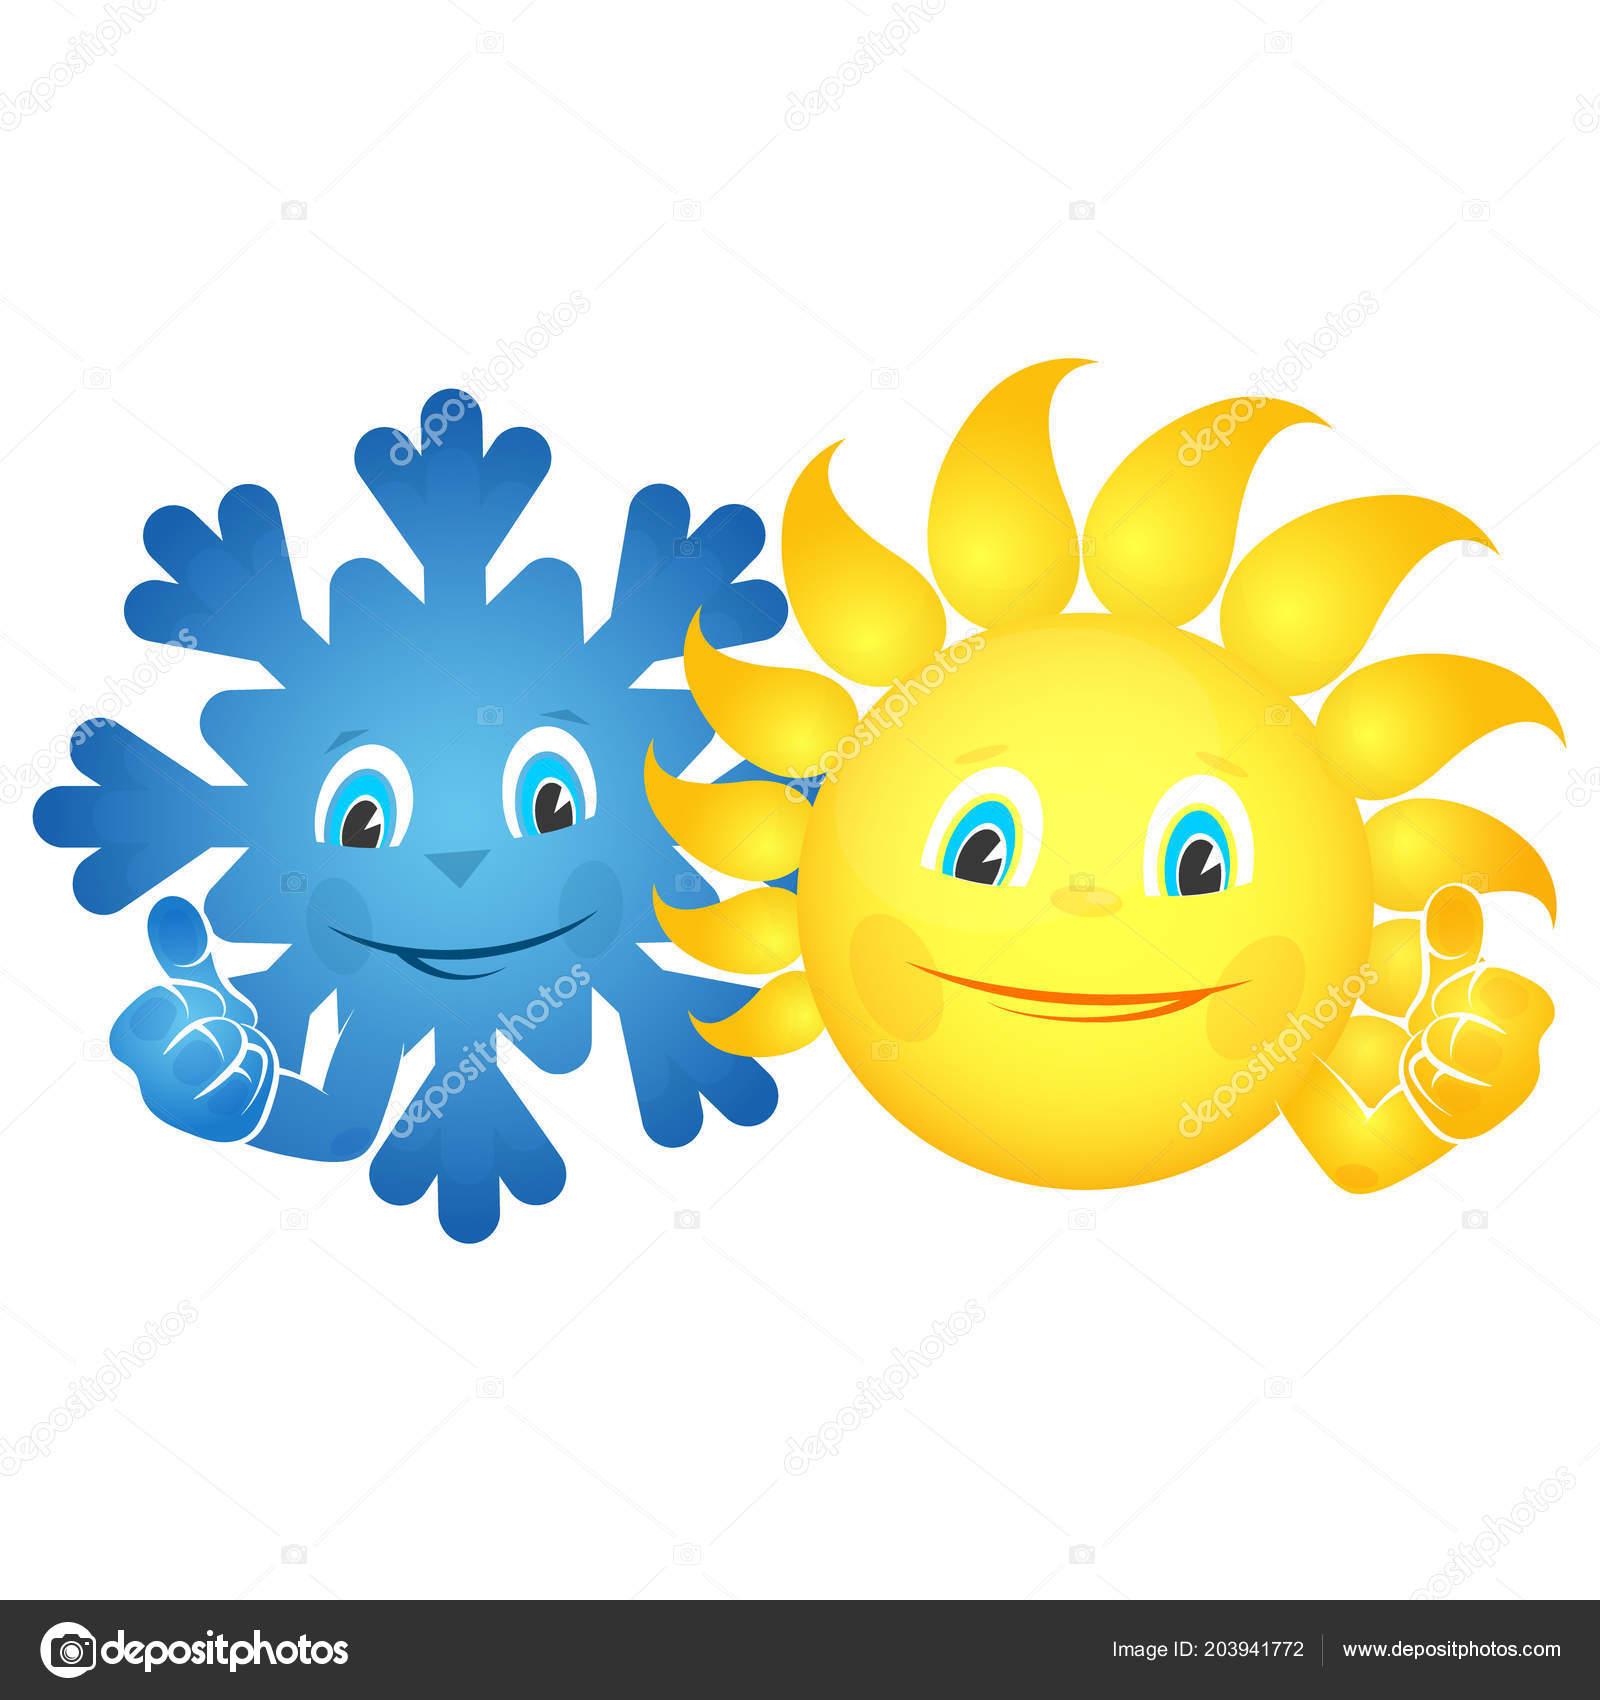 Sun Snowflake Smiles Vector — Stock Vector © john1279 #203941772